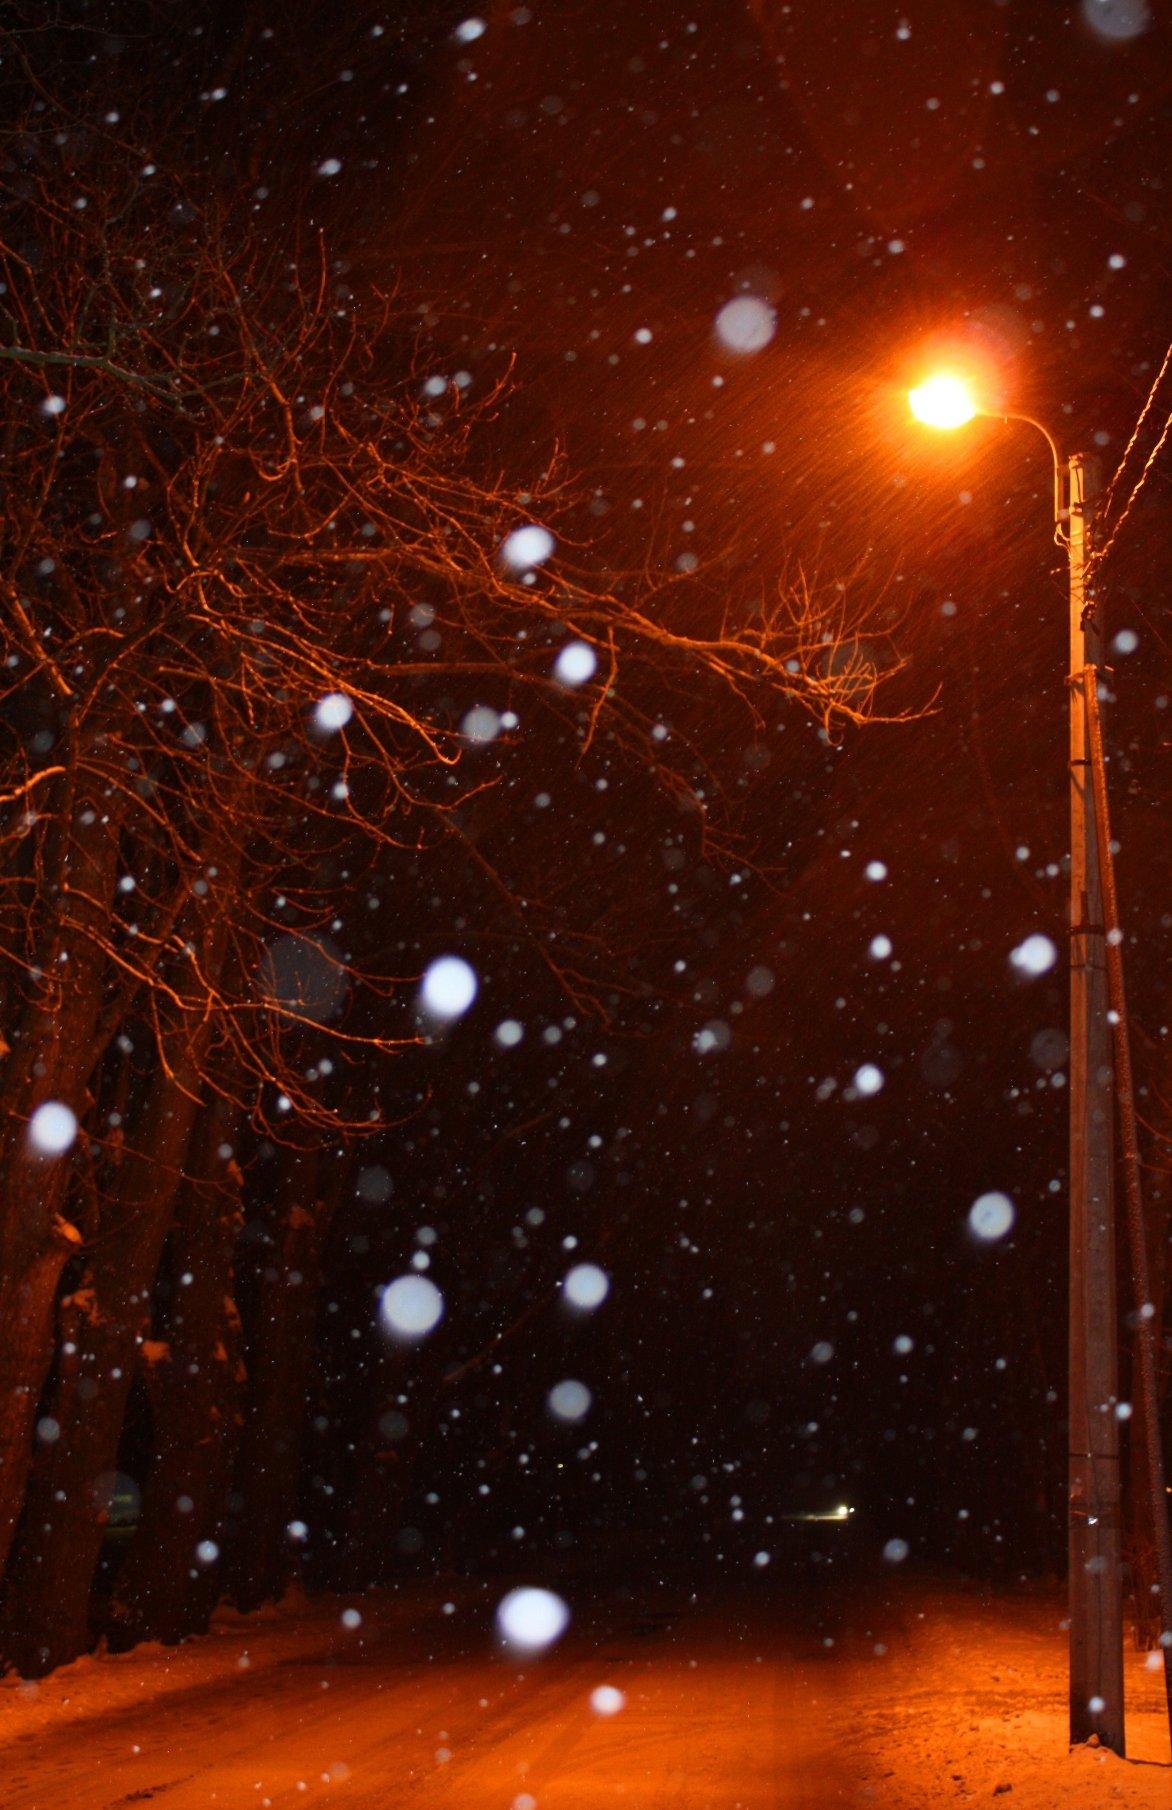 ограниченной ответственностью фото зимы ночью идет снег рассказал